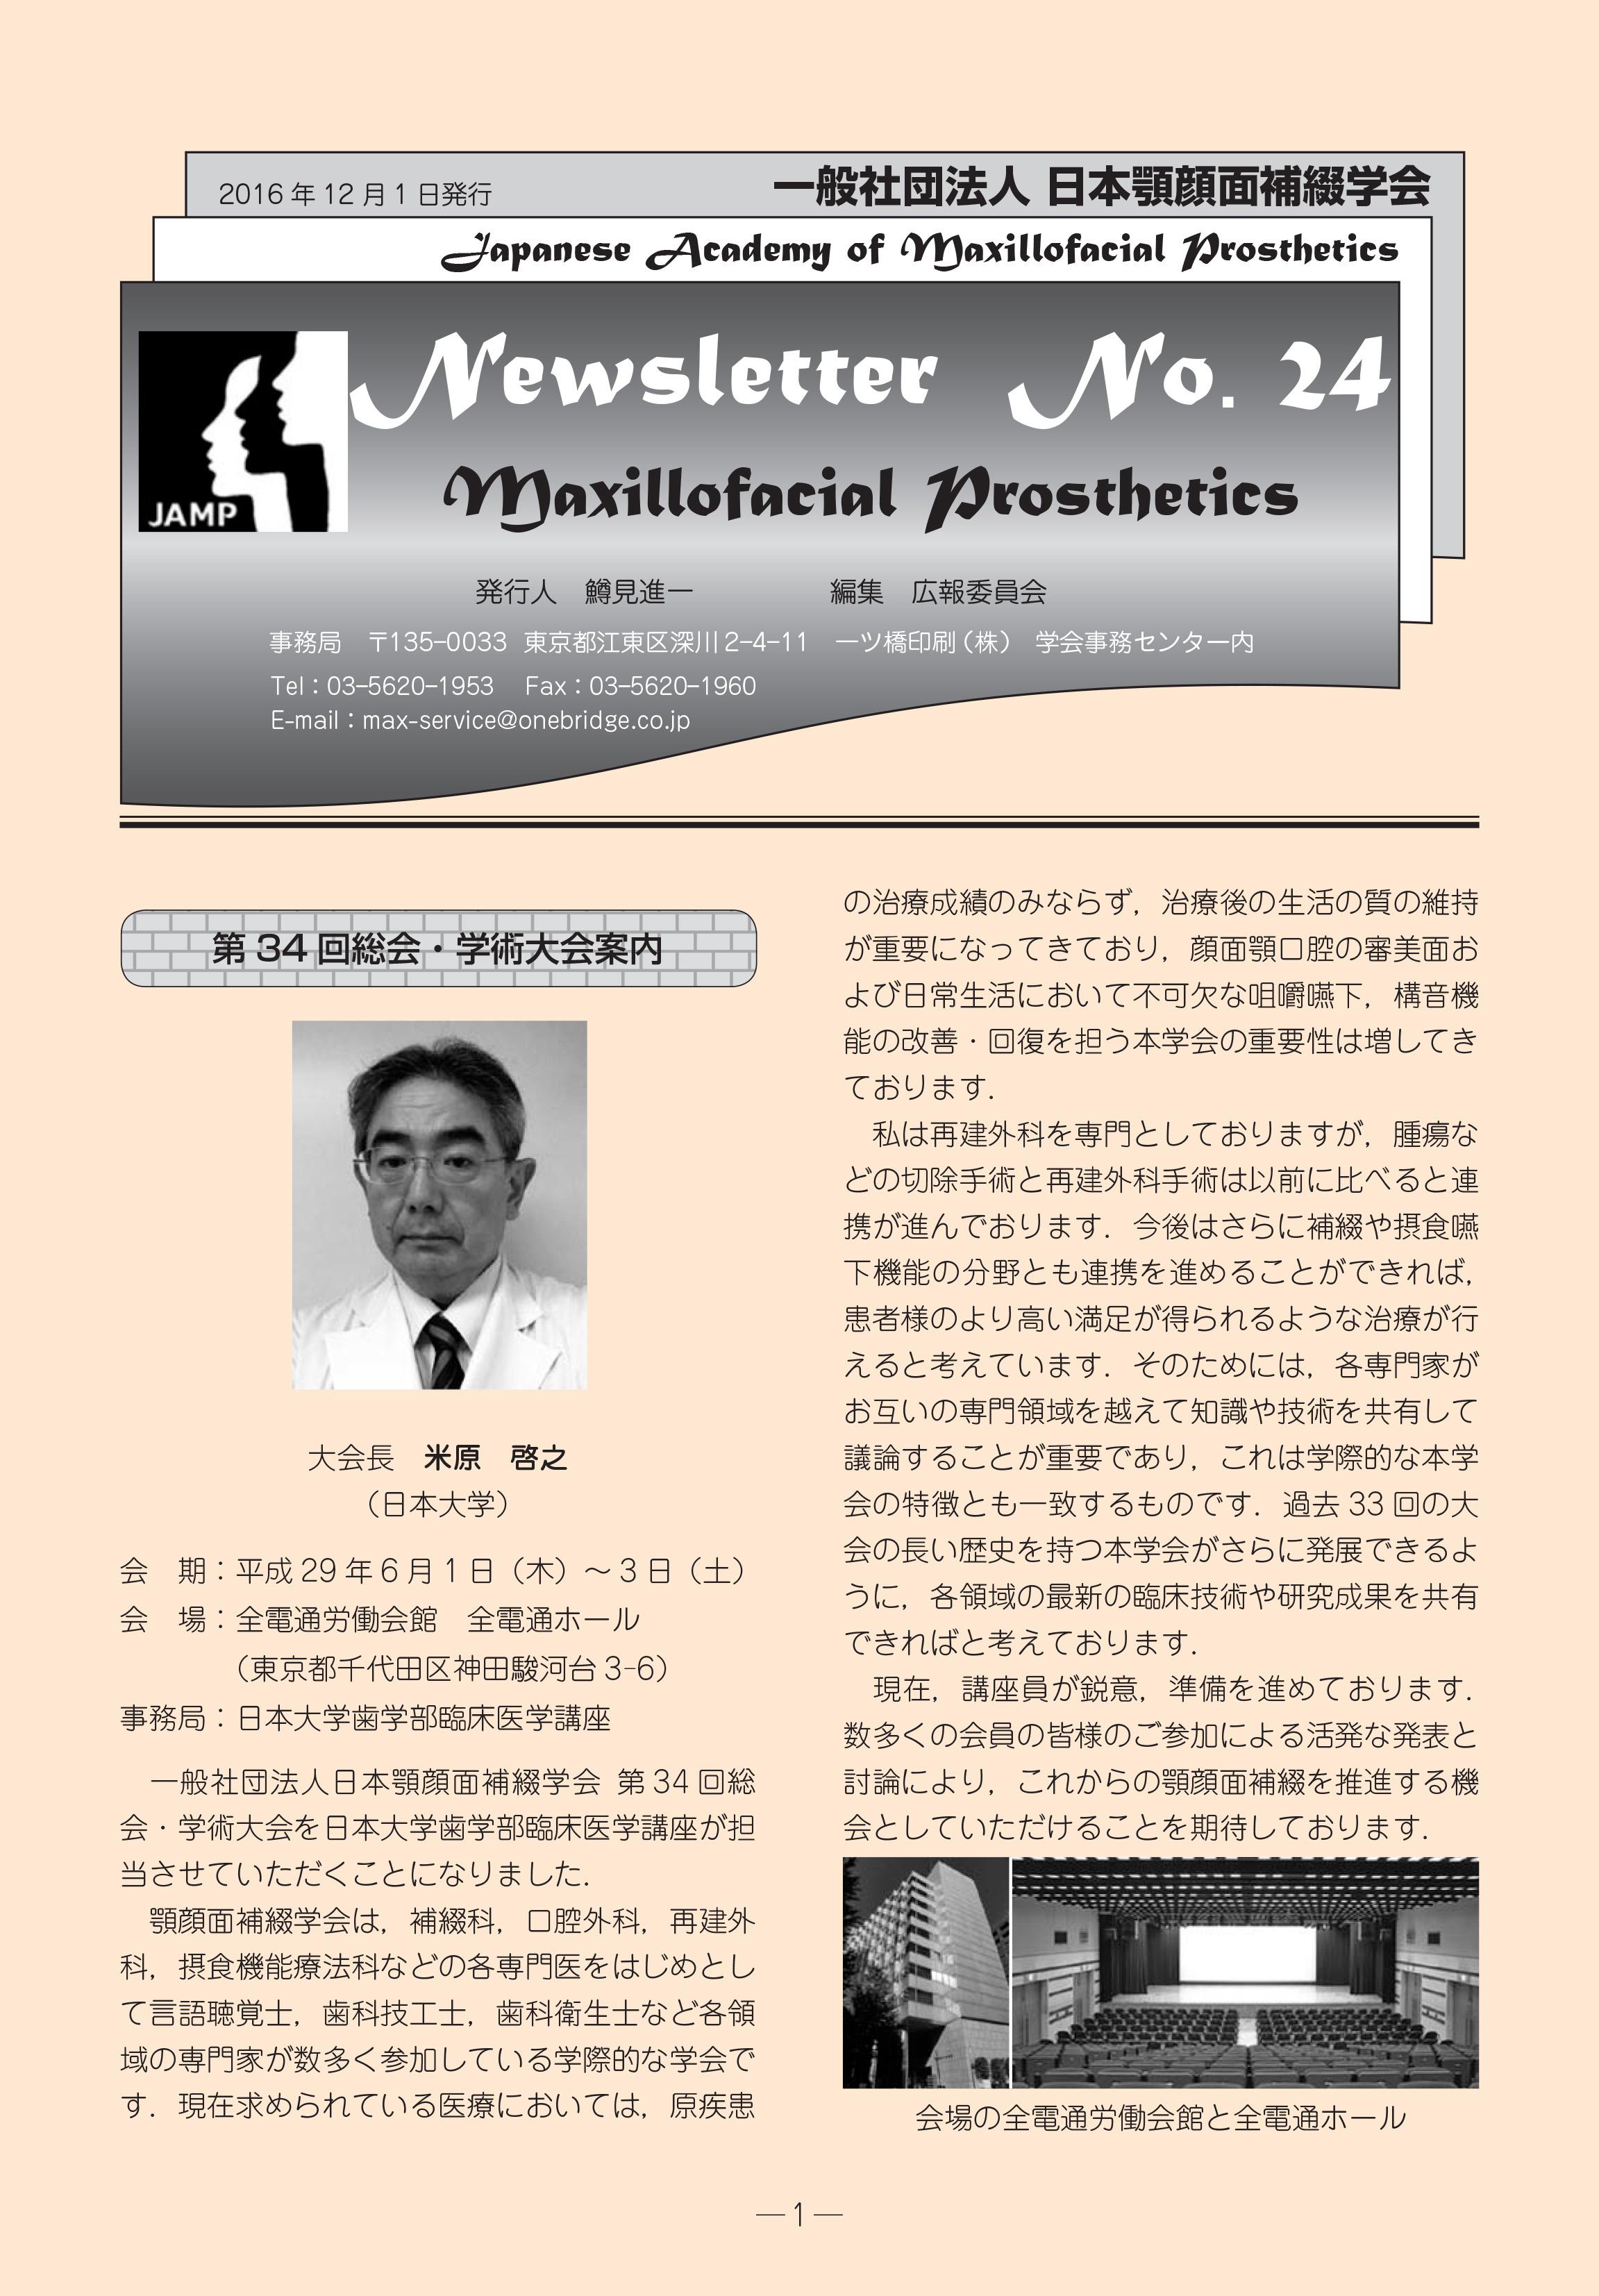 ニュースレター No.24